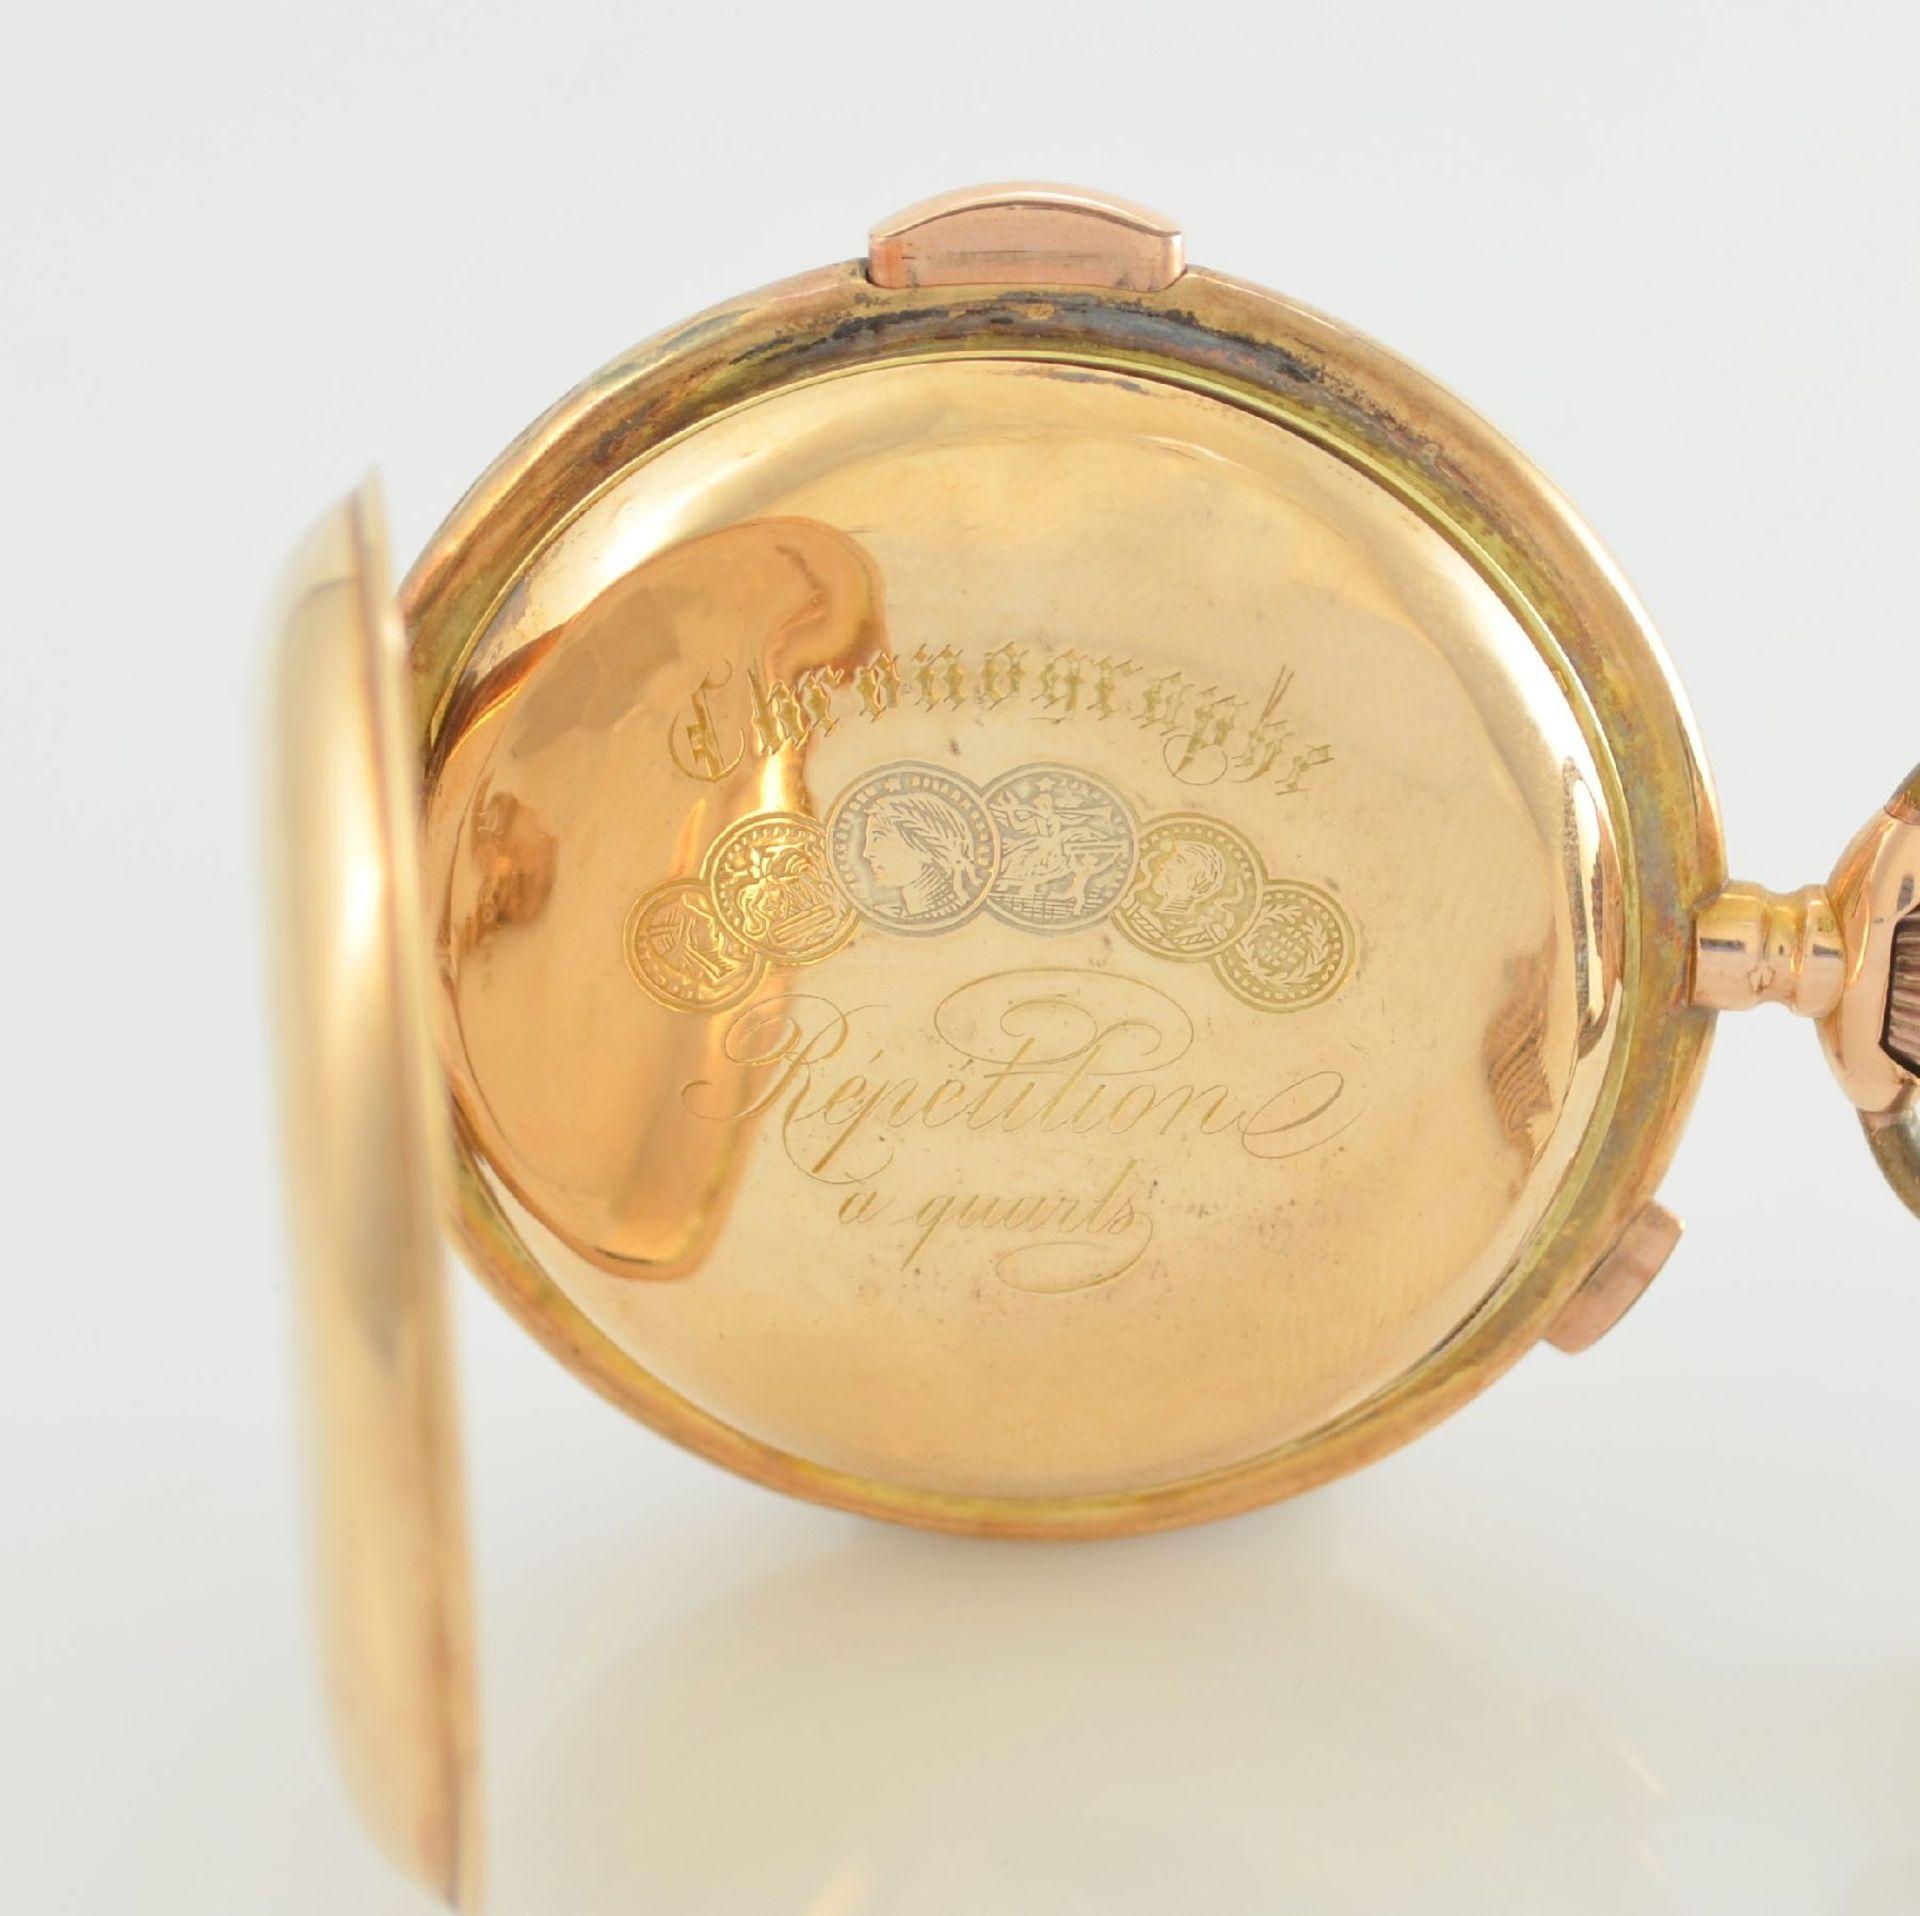 Savonette Herrentaschenuhr in RoseG 585/000 mit 1/4 Stunden Repetition und Chronograph, Schweiz um - Bild 6 aus 9